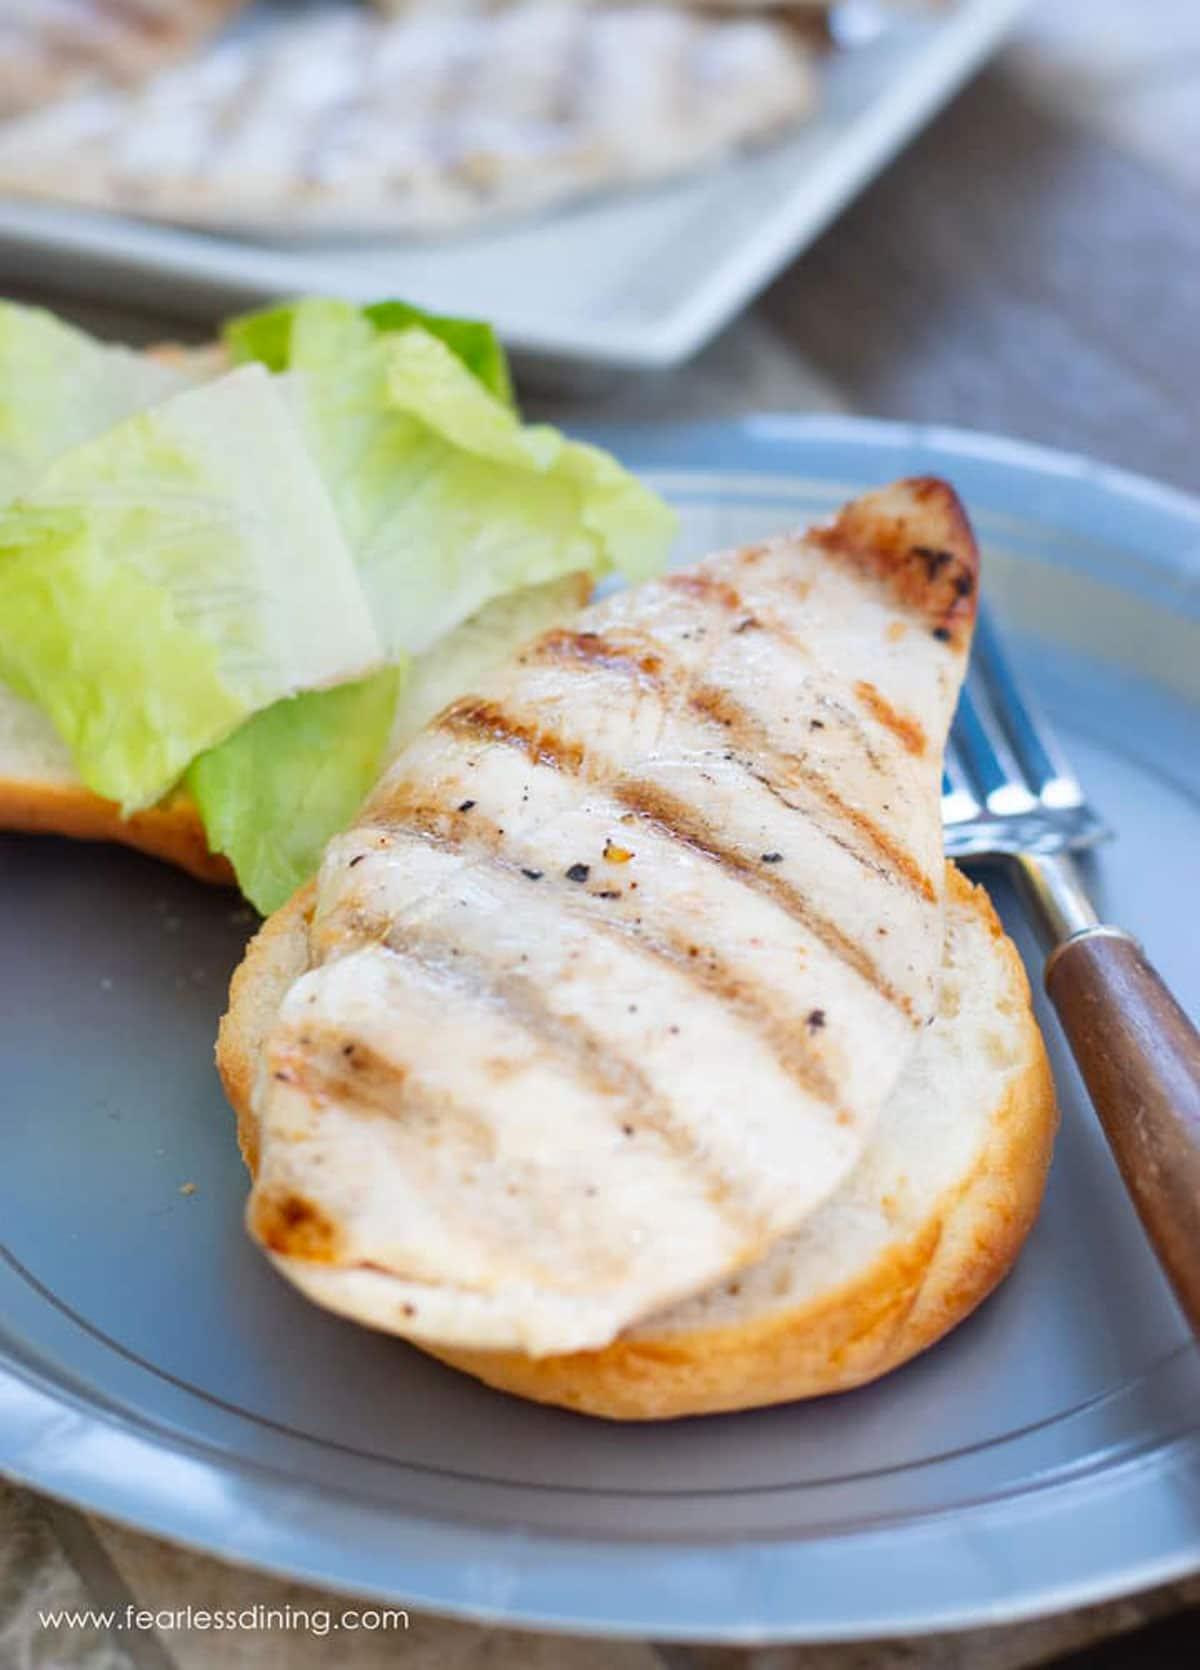 a grilled chicken breast on a gluten free bun